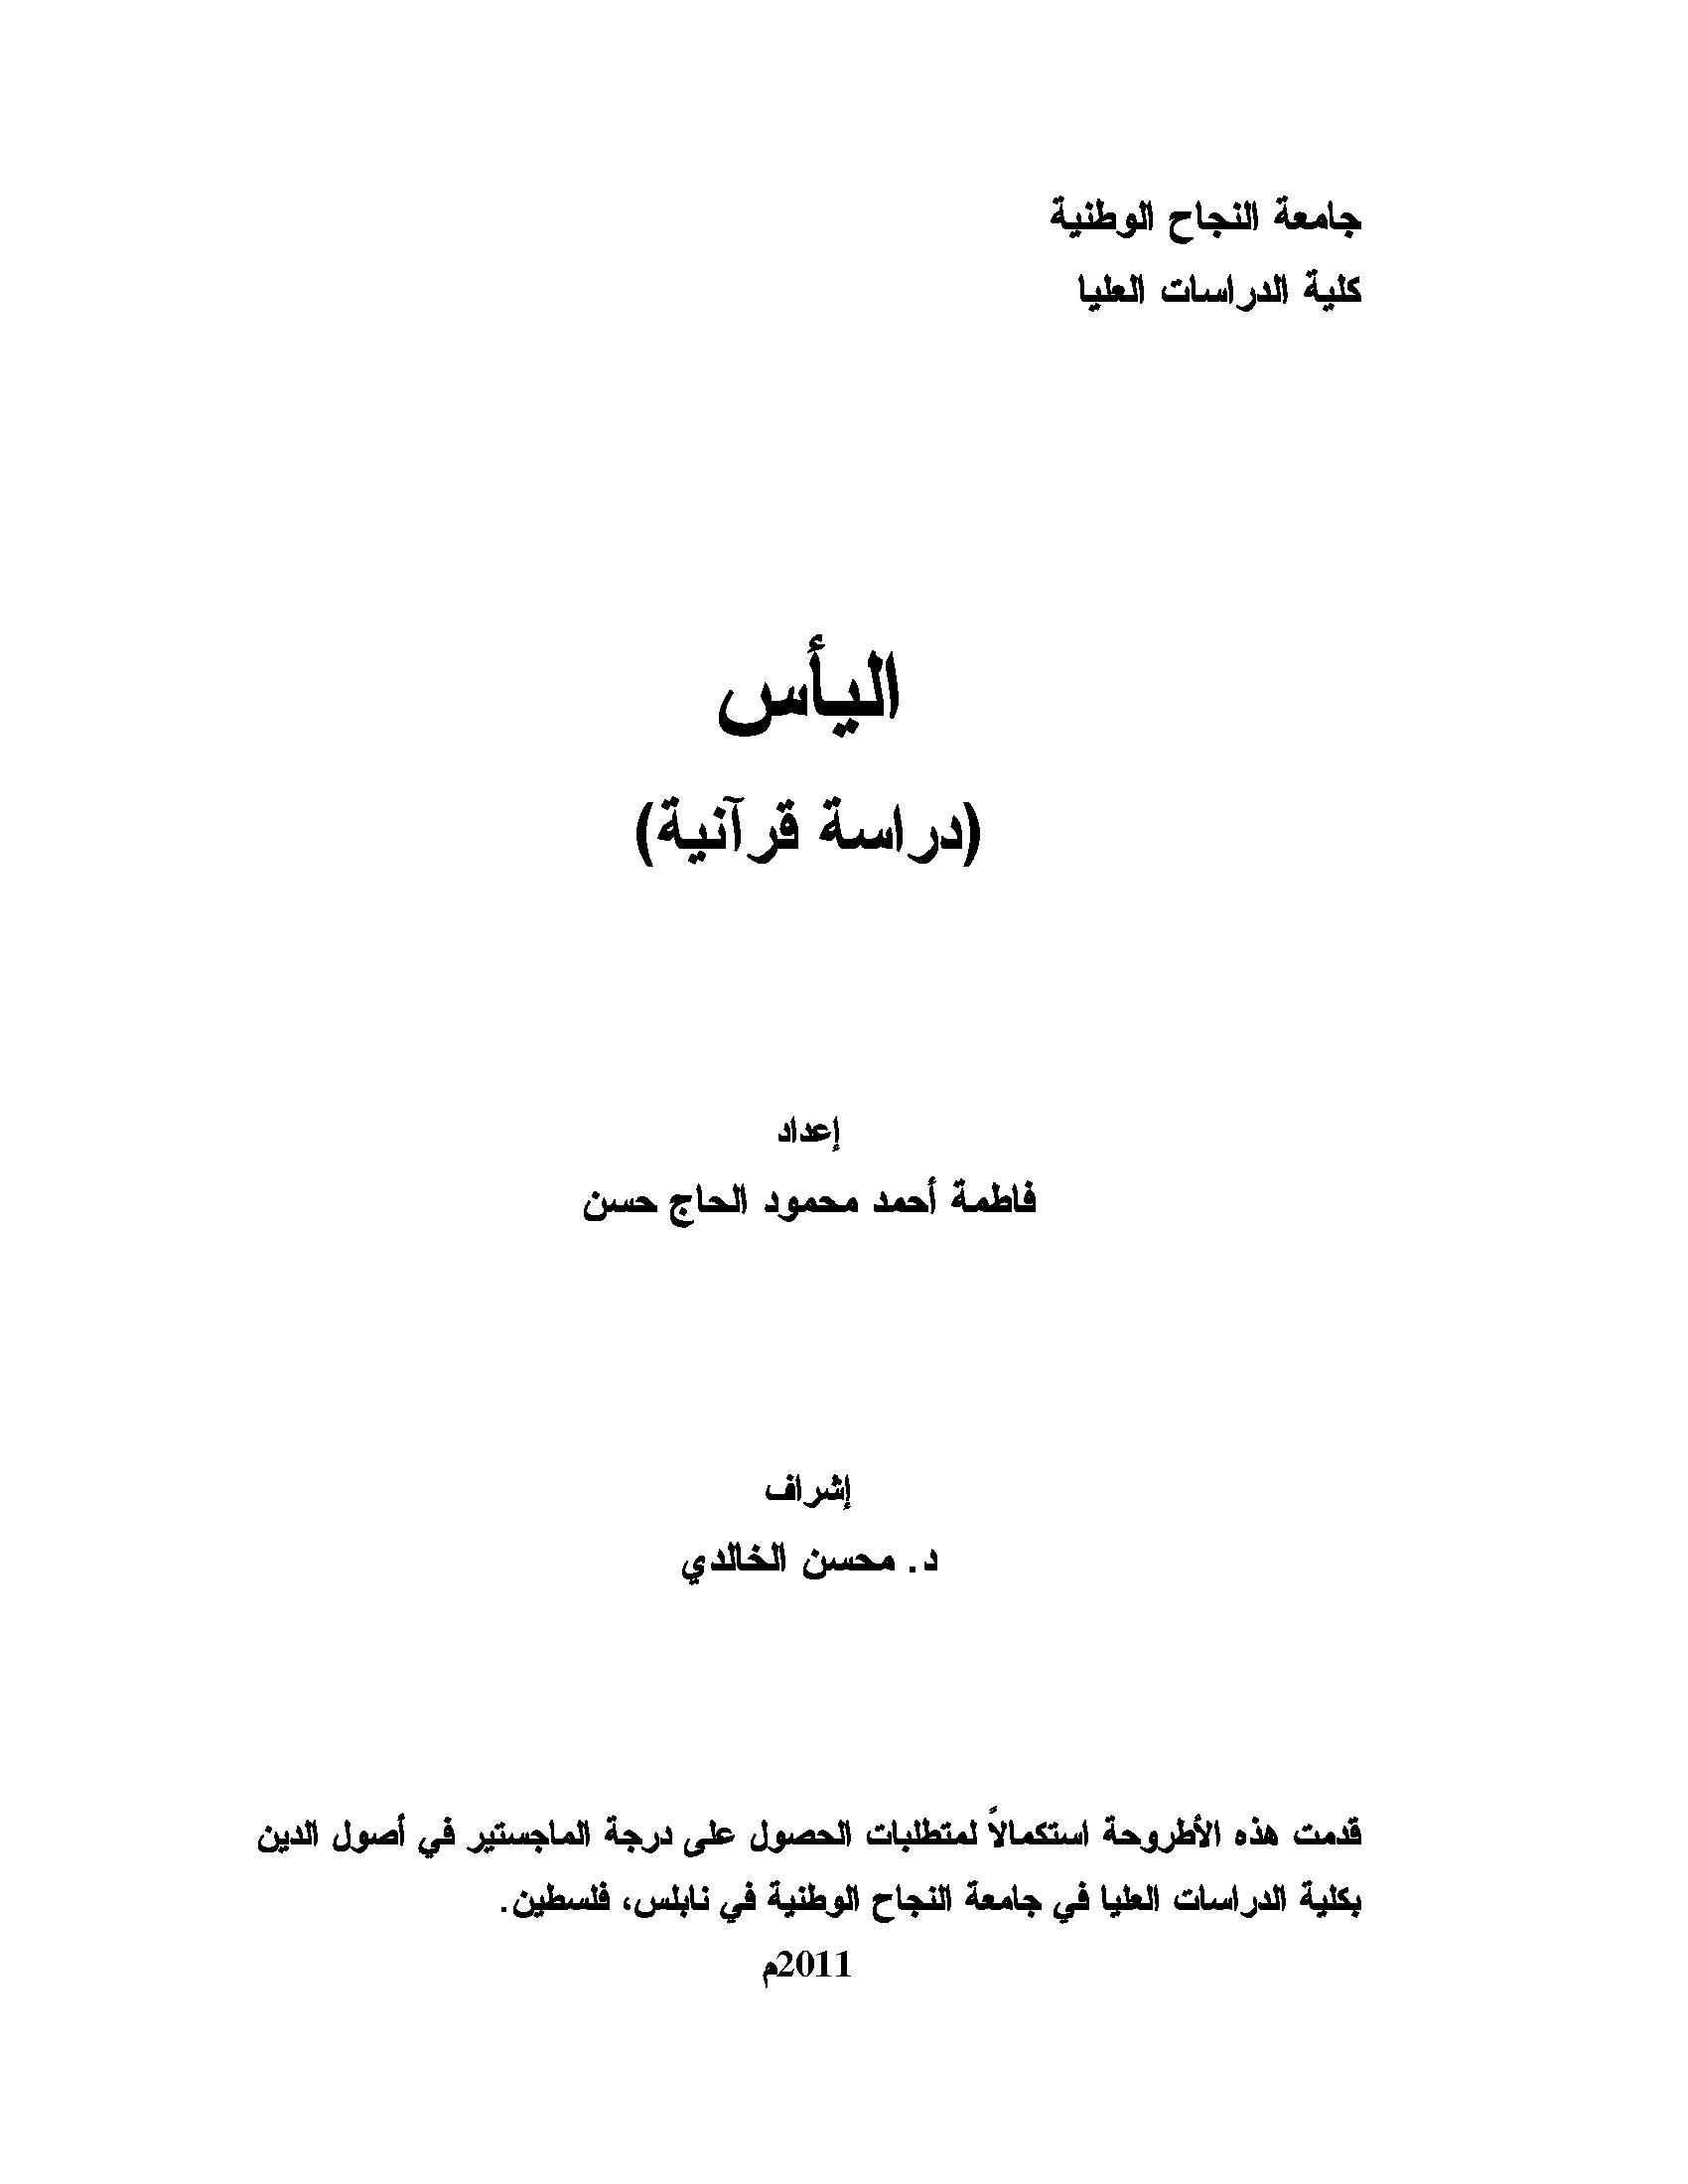 تحميل كتاب اليأس (دراسة قرآنية) لـِ: فاطمة أحمد محمود الحاج حسن